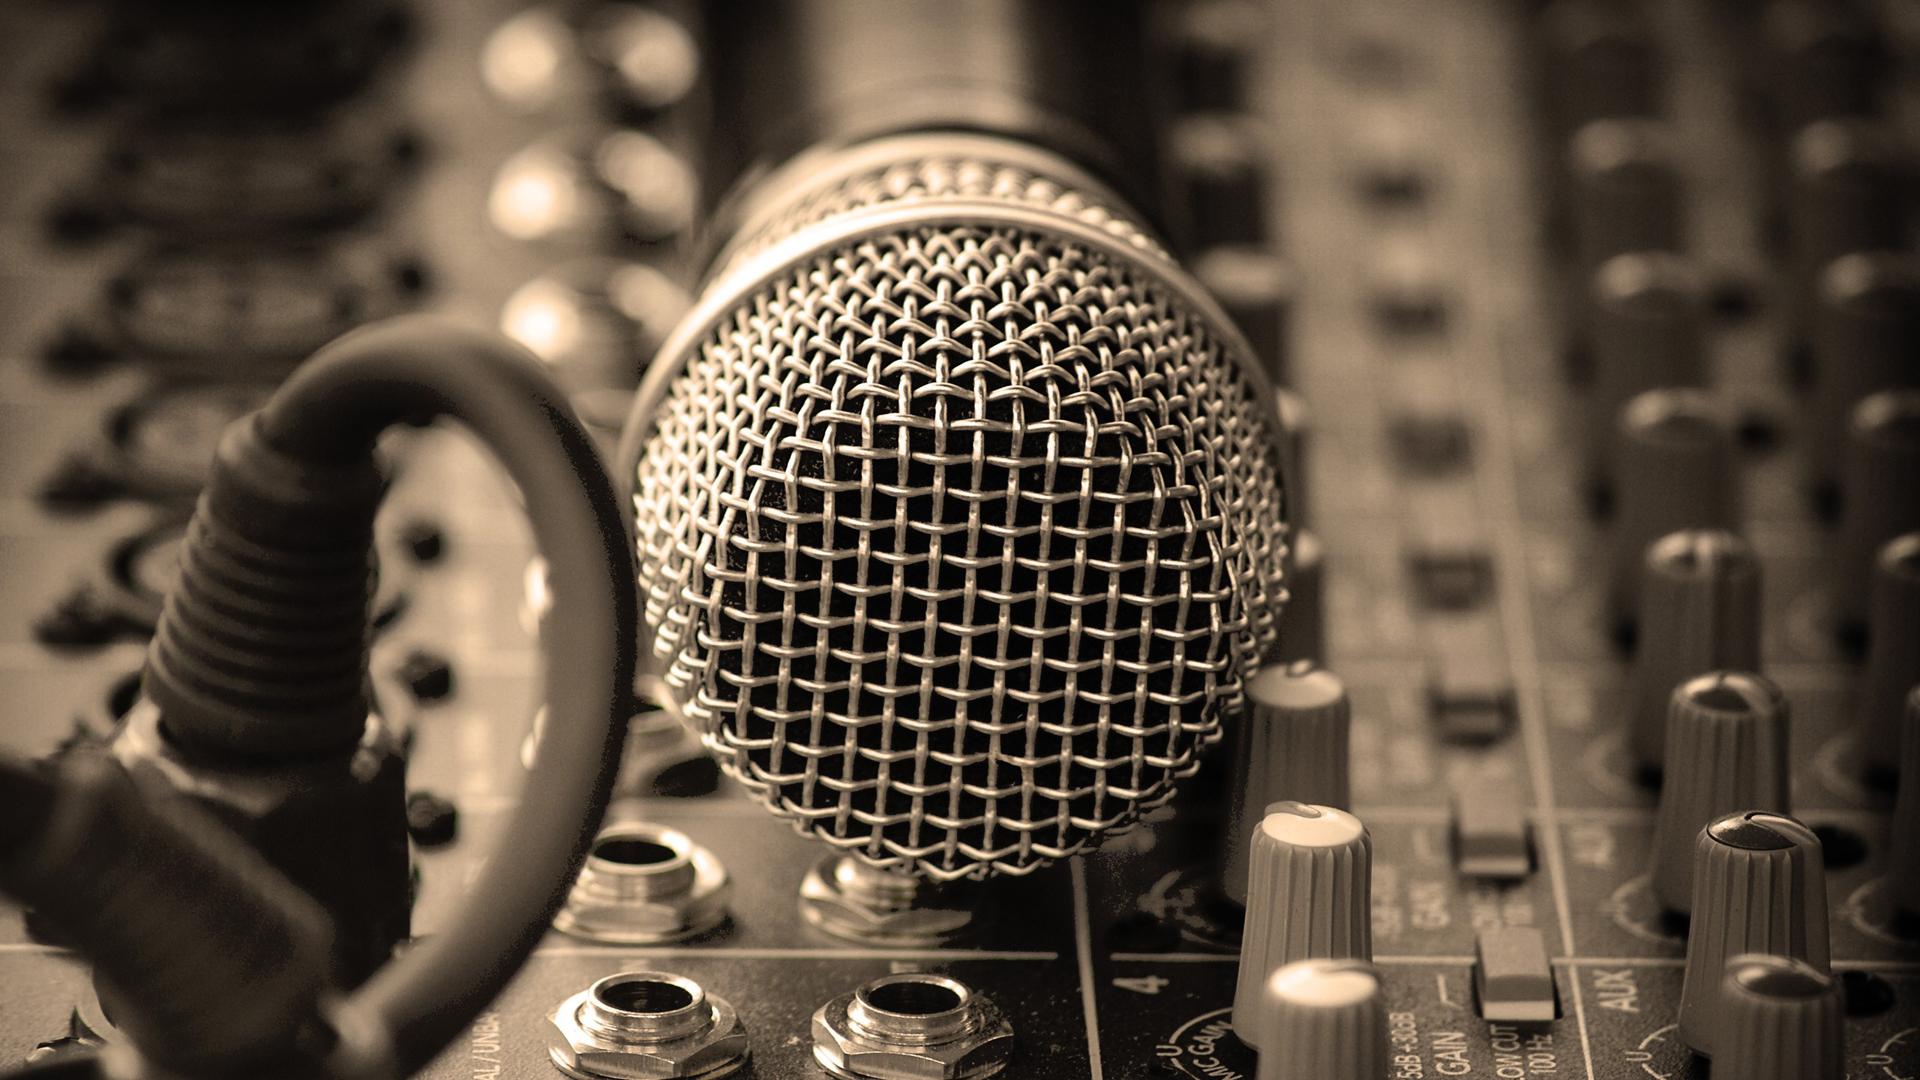 Music Studio Wallpaper 1920x1080 Music Studio 1920x1080